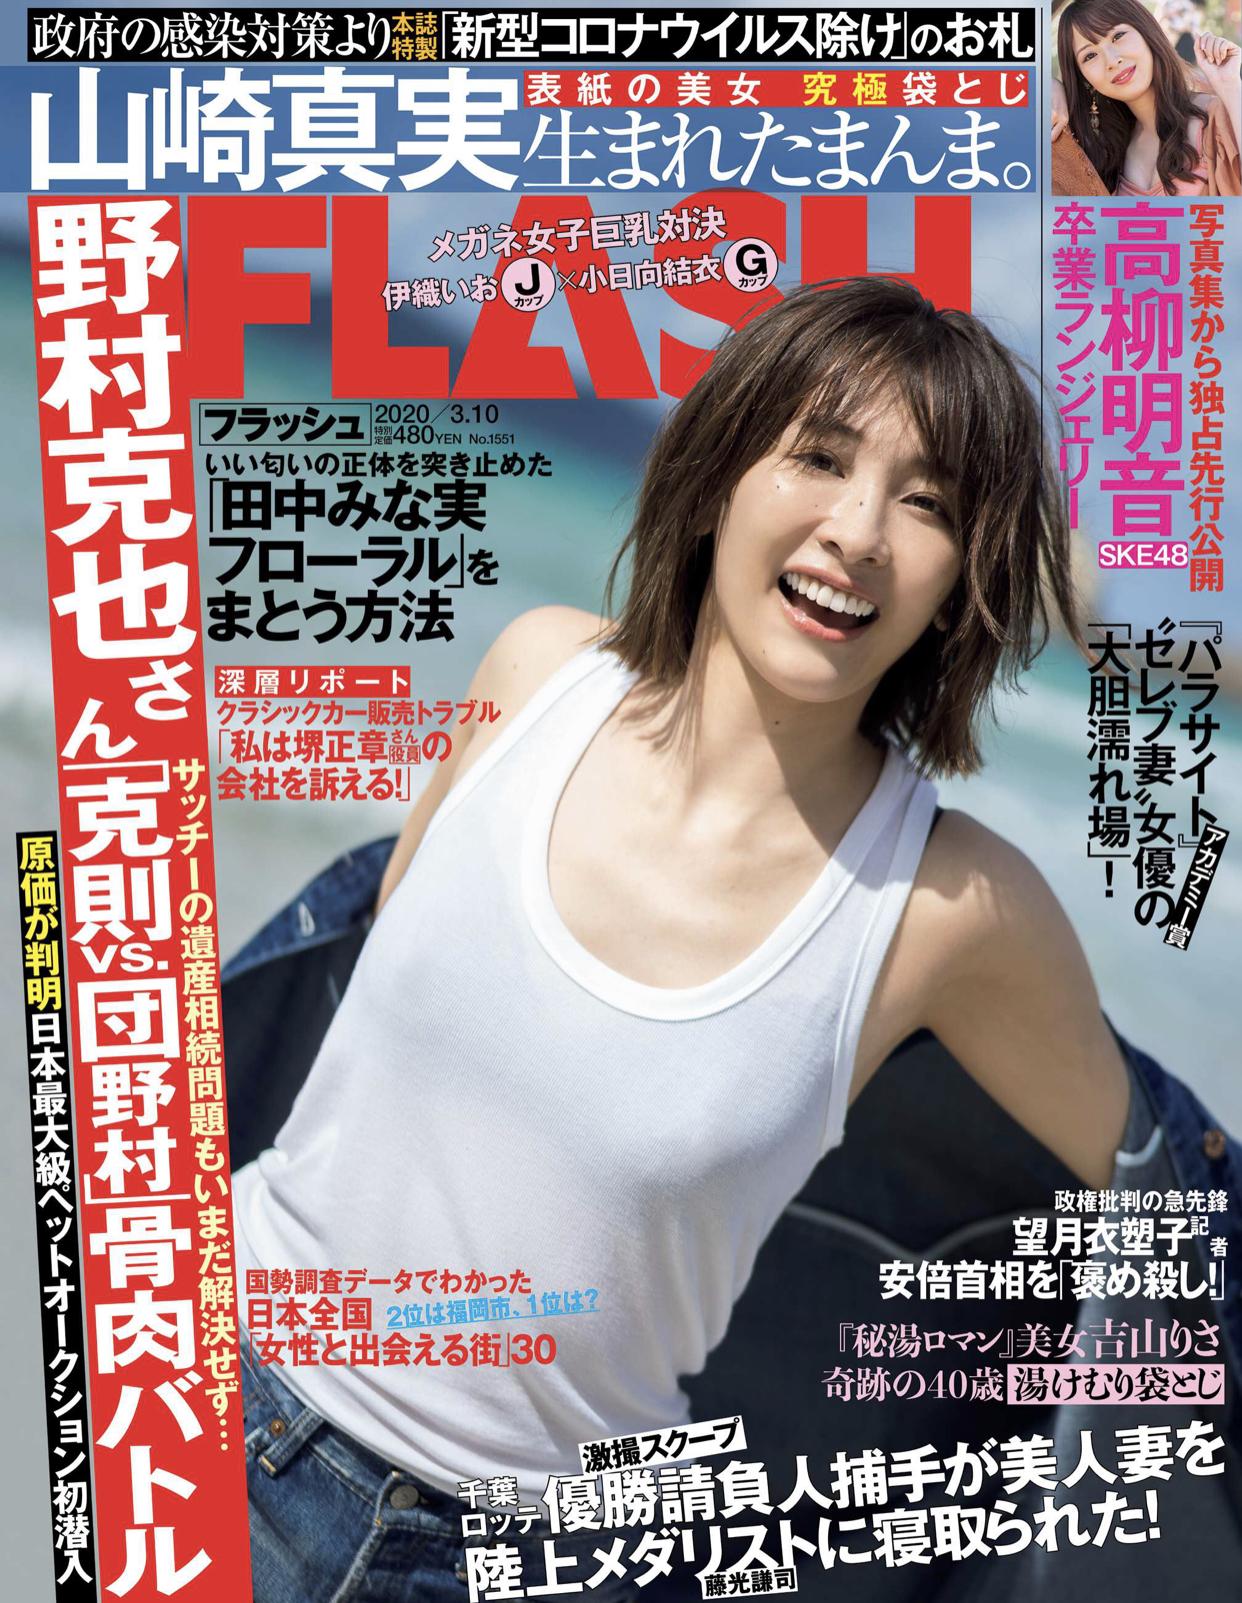 山崎真美のフラッシュ袋とじ画像!表紙・中身を無料でネタバレ